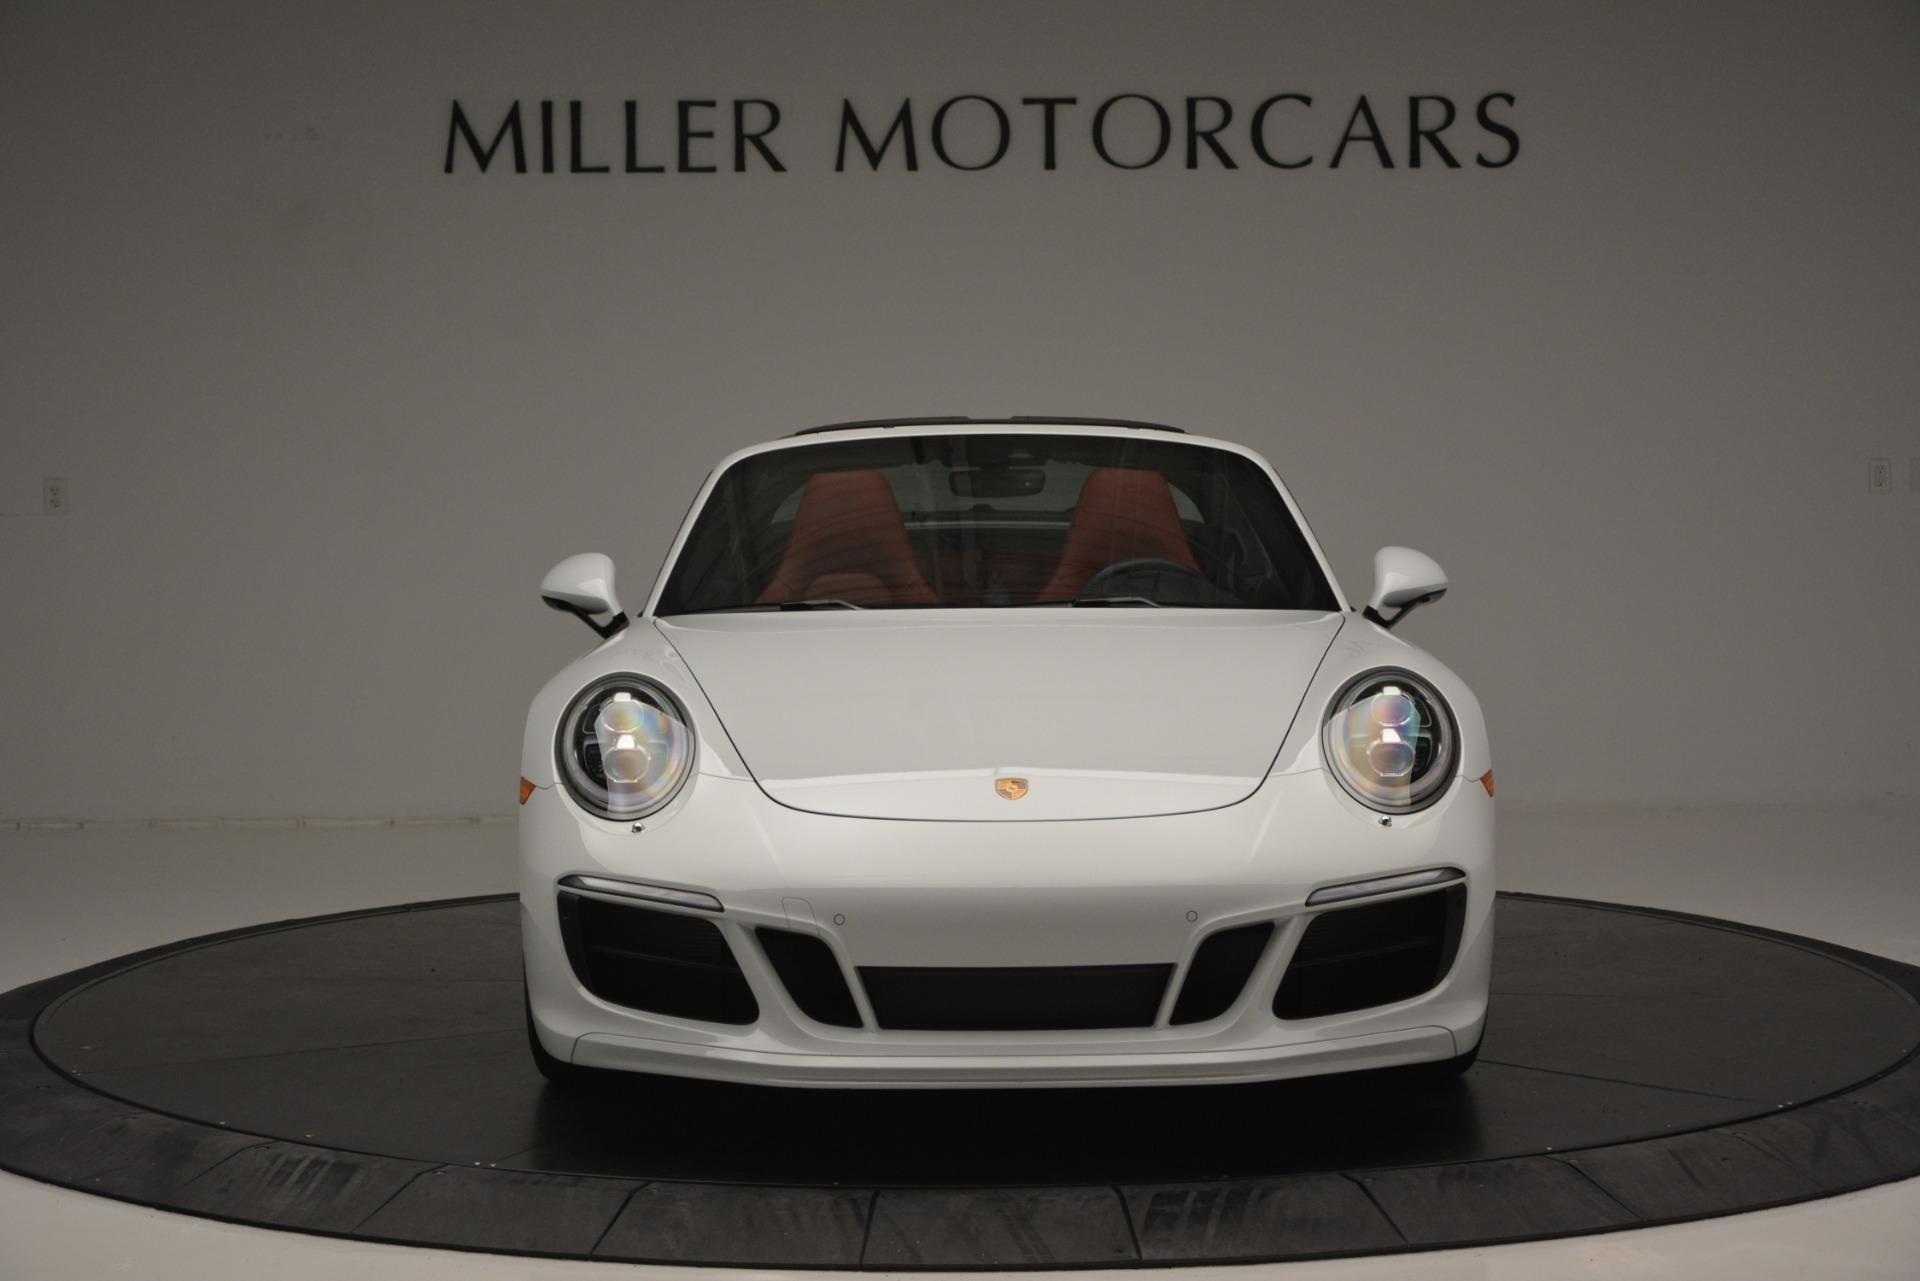 Used 2017 Porsche 911 Targa 4S For Sale In Greenwich, CT. Alfa Romeo of Greenwich, 7433 2593_p6